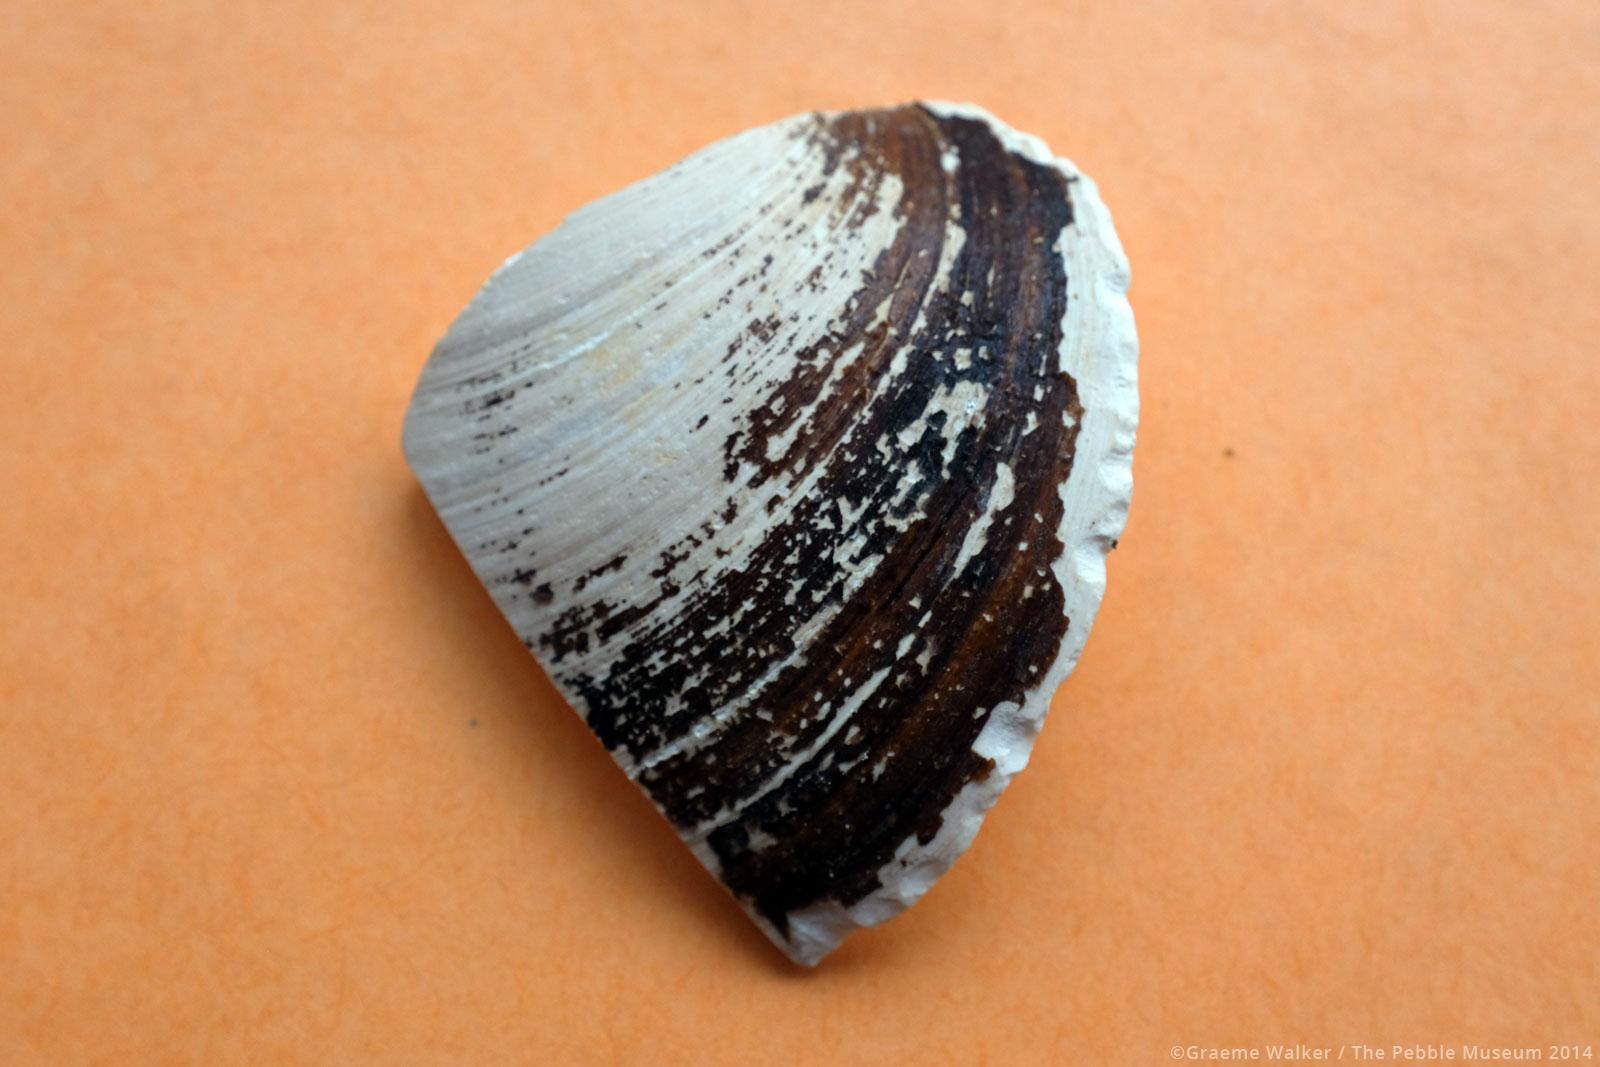 Shell Fragment © Graeme Walker / The Pebble Museum 2019